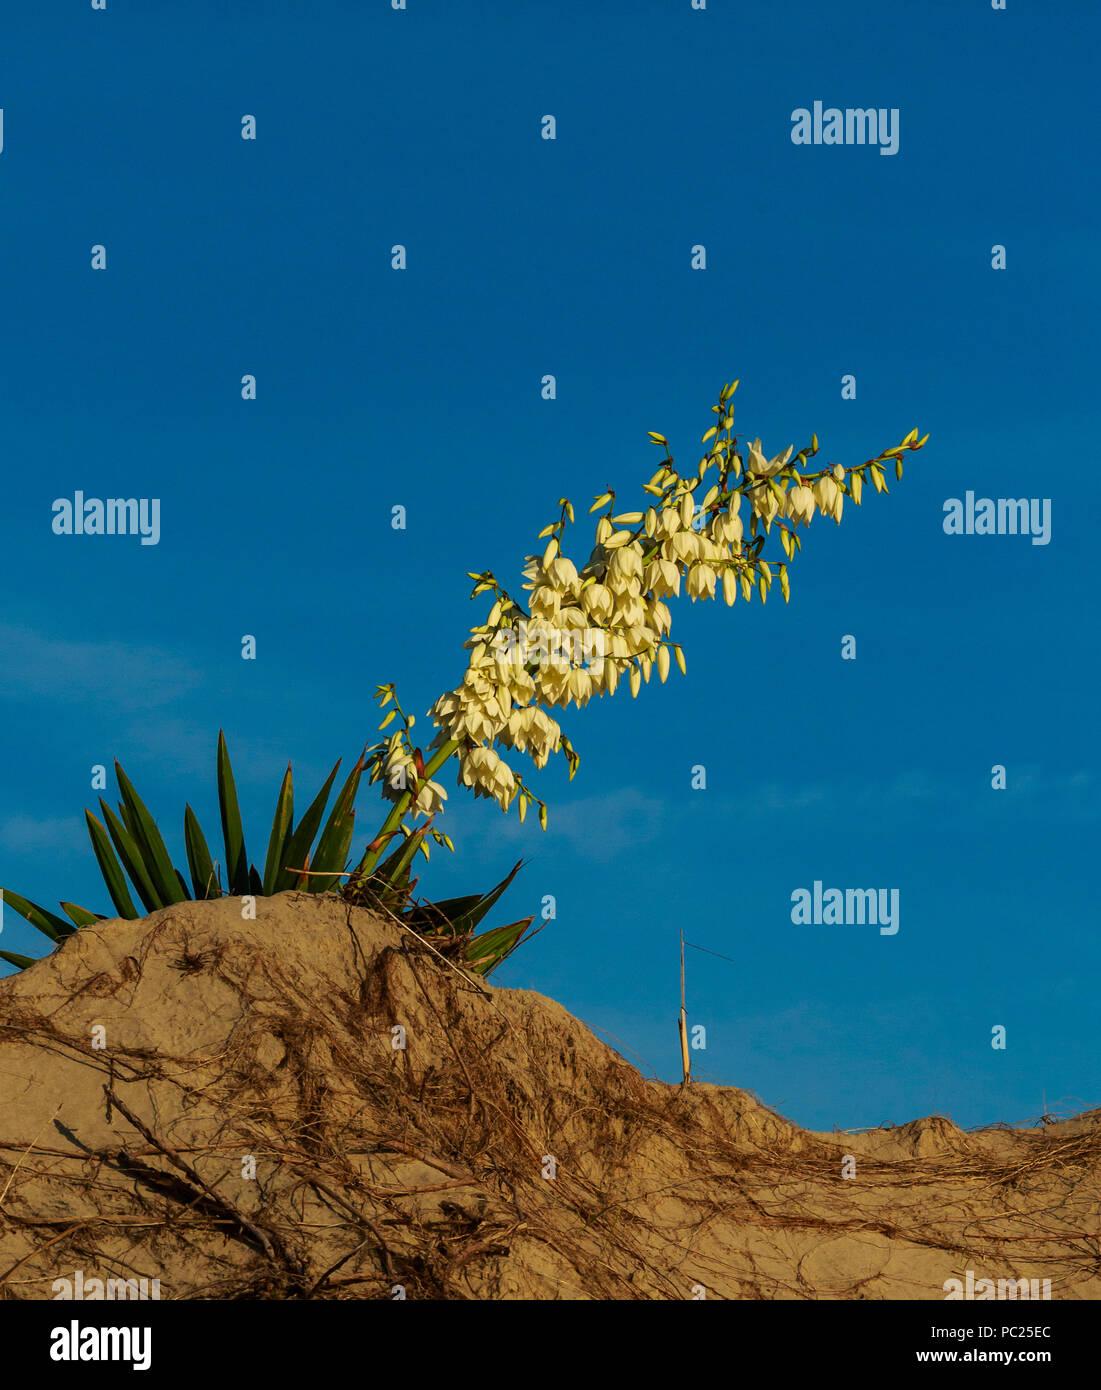 Ein blühender Yucca gloriosa (Gattung Asparagaceae) sitzt auf einem Morgen Strand Düne, von der Düne unter blauen Morgenhimmel gerahmt, Outer Banks, NC Stockbild